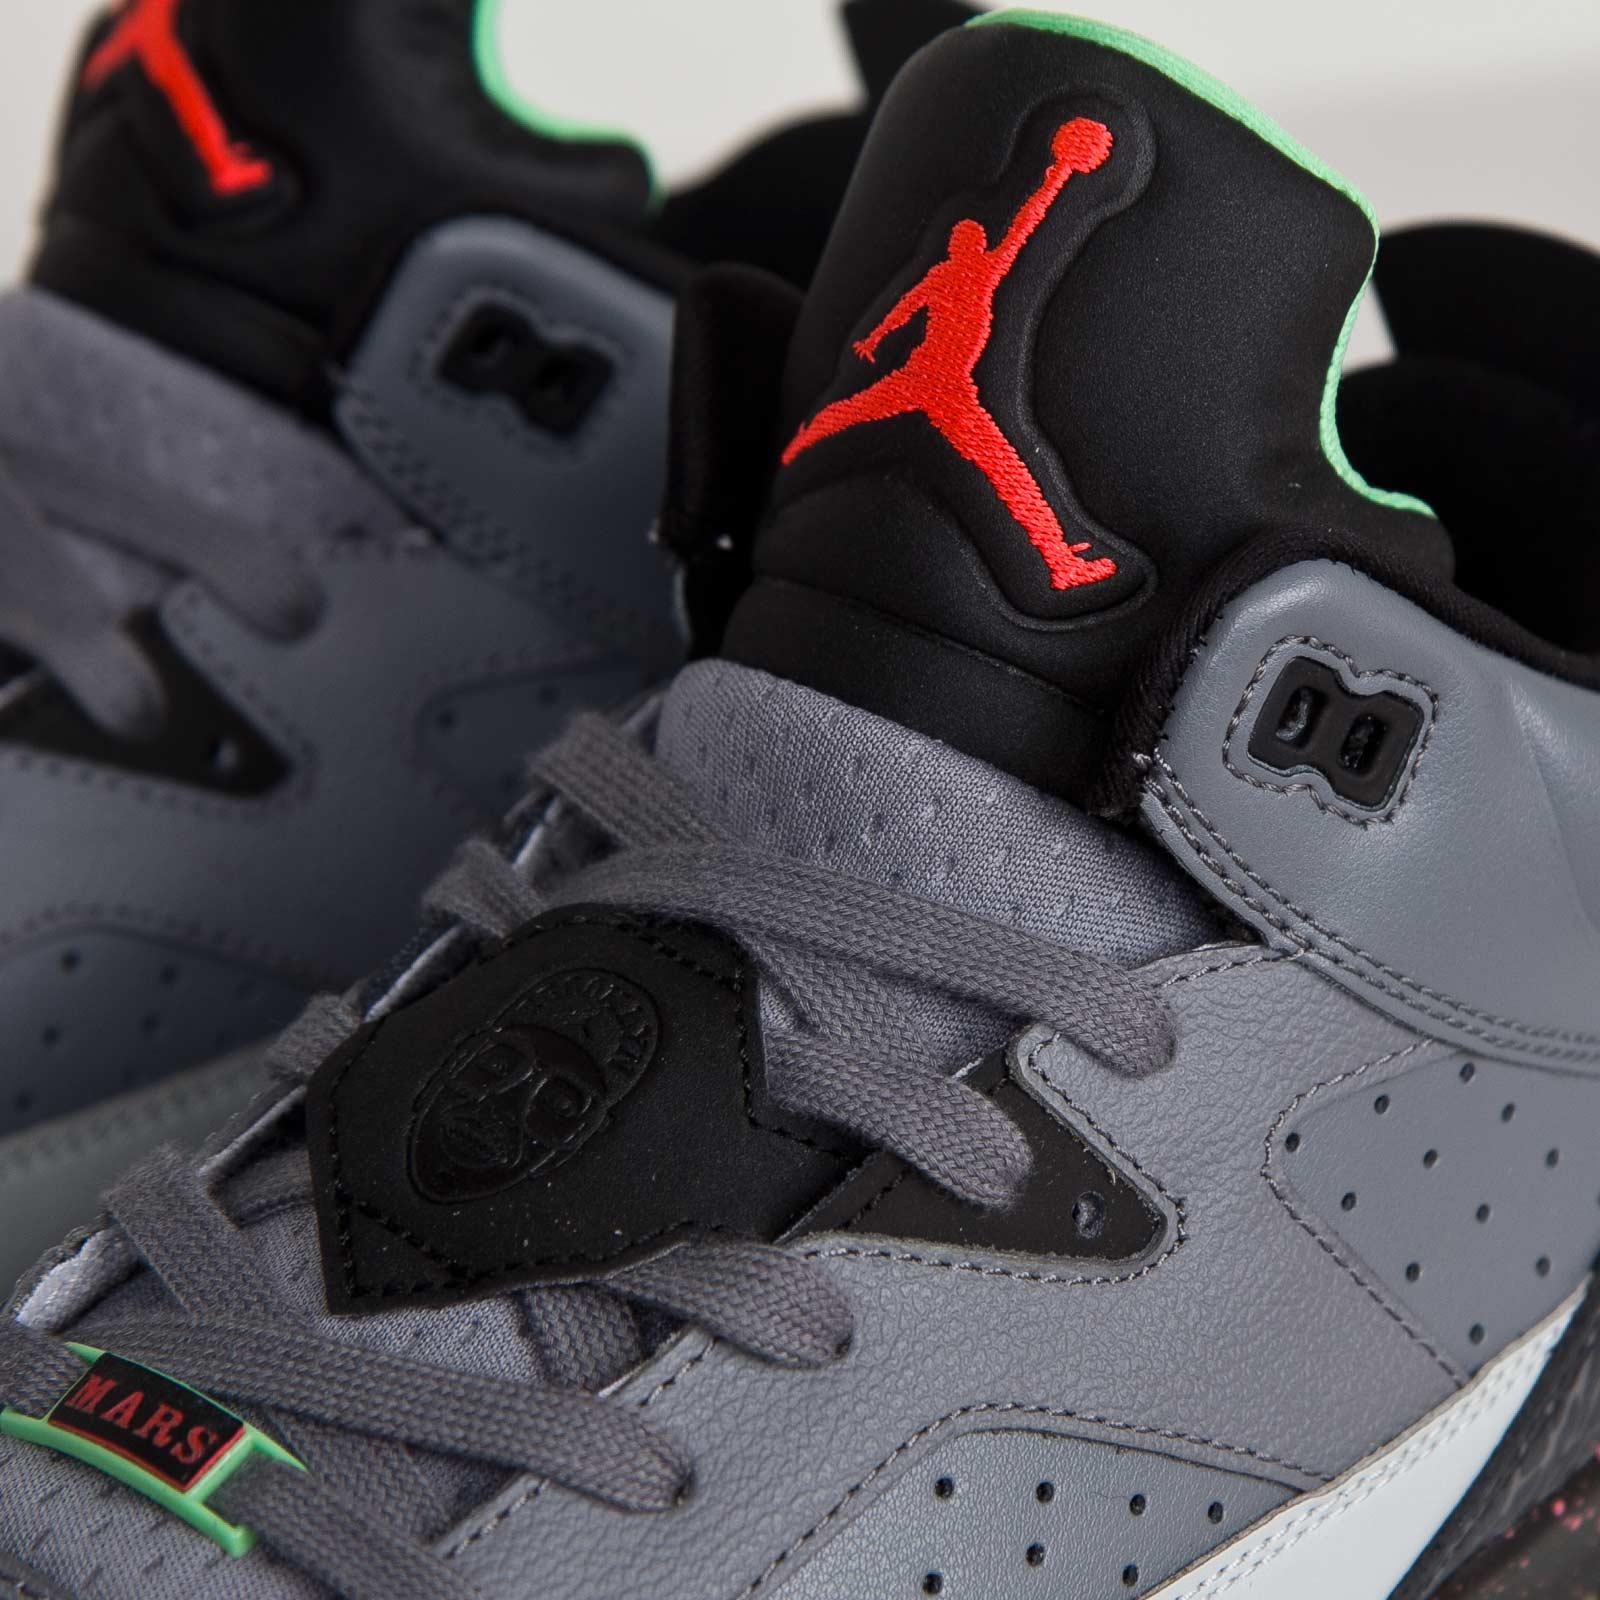 meet 834c3 0d7e8 Jordan Brand Jordan Son Of Low - 580603-031 - Sneakersnstuff   sneakers    streetwear online since 1999